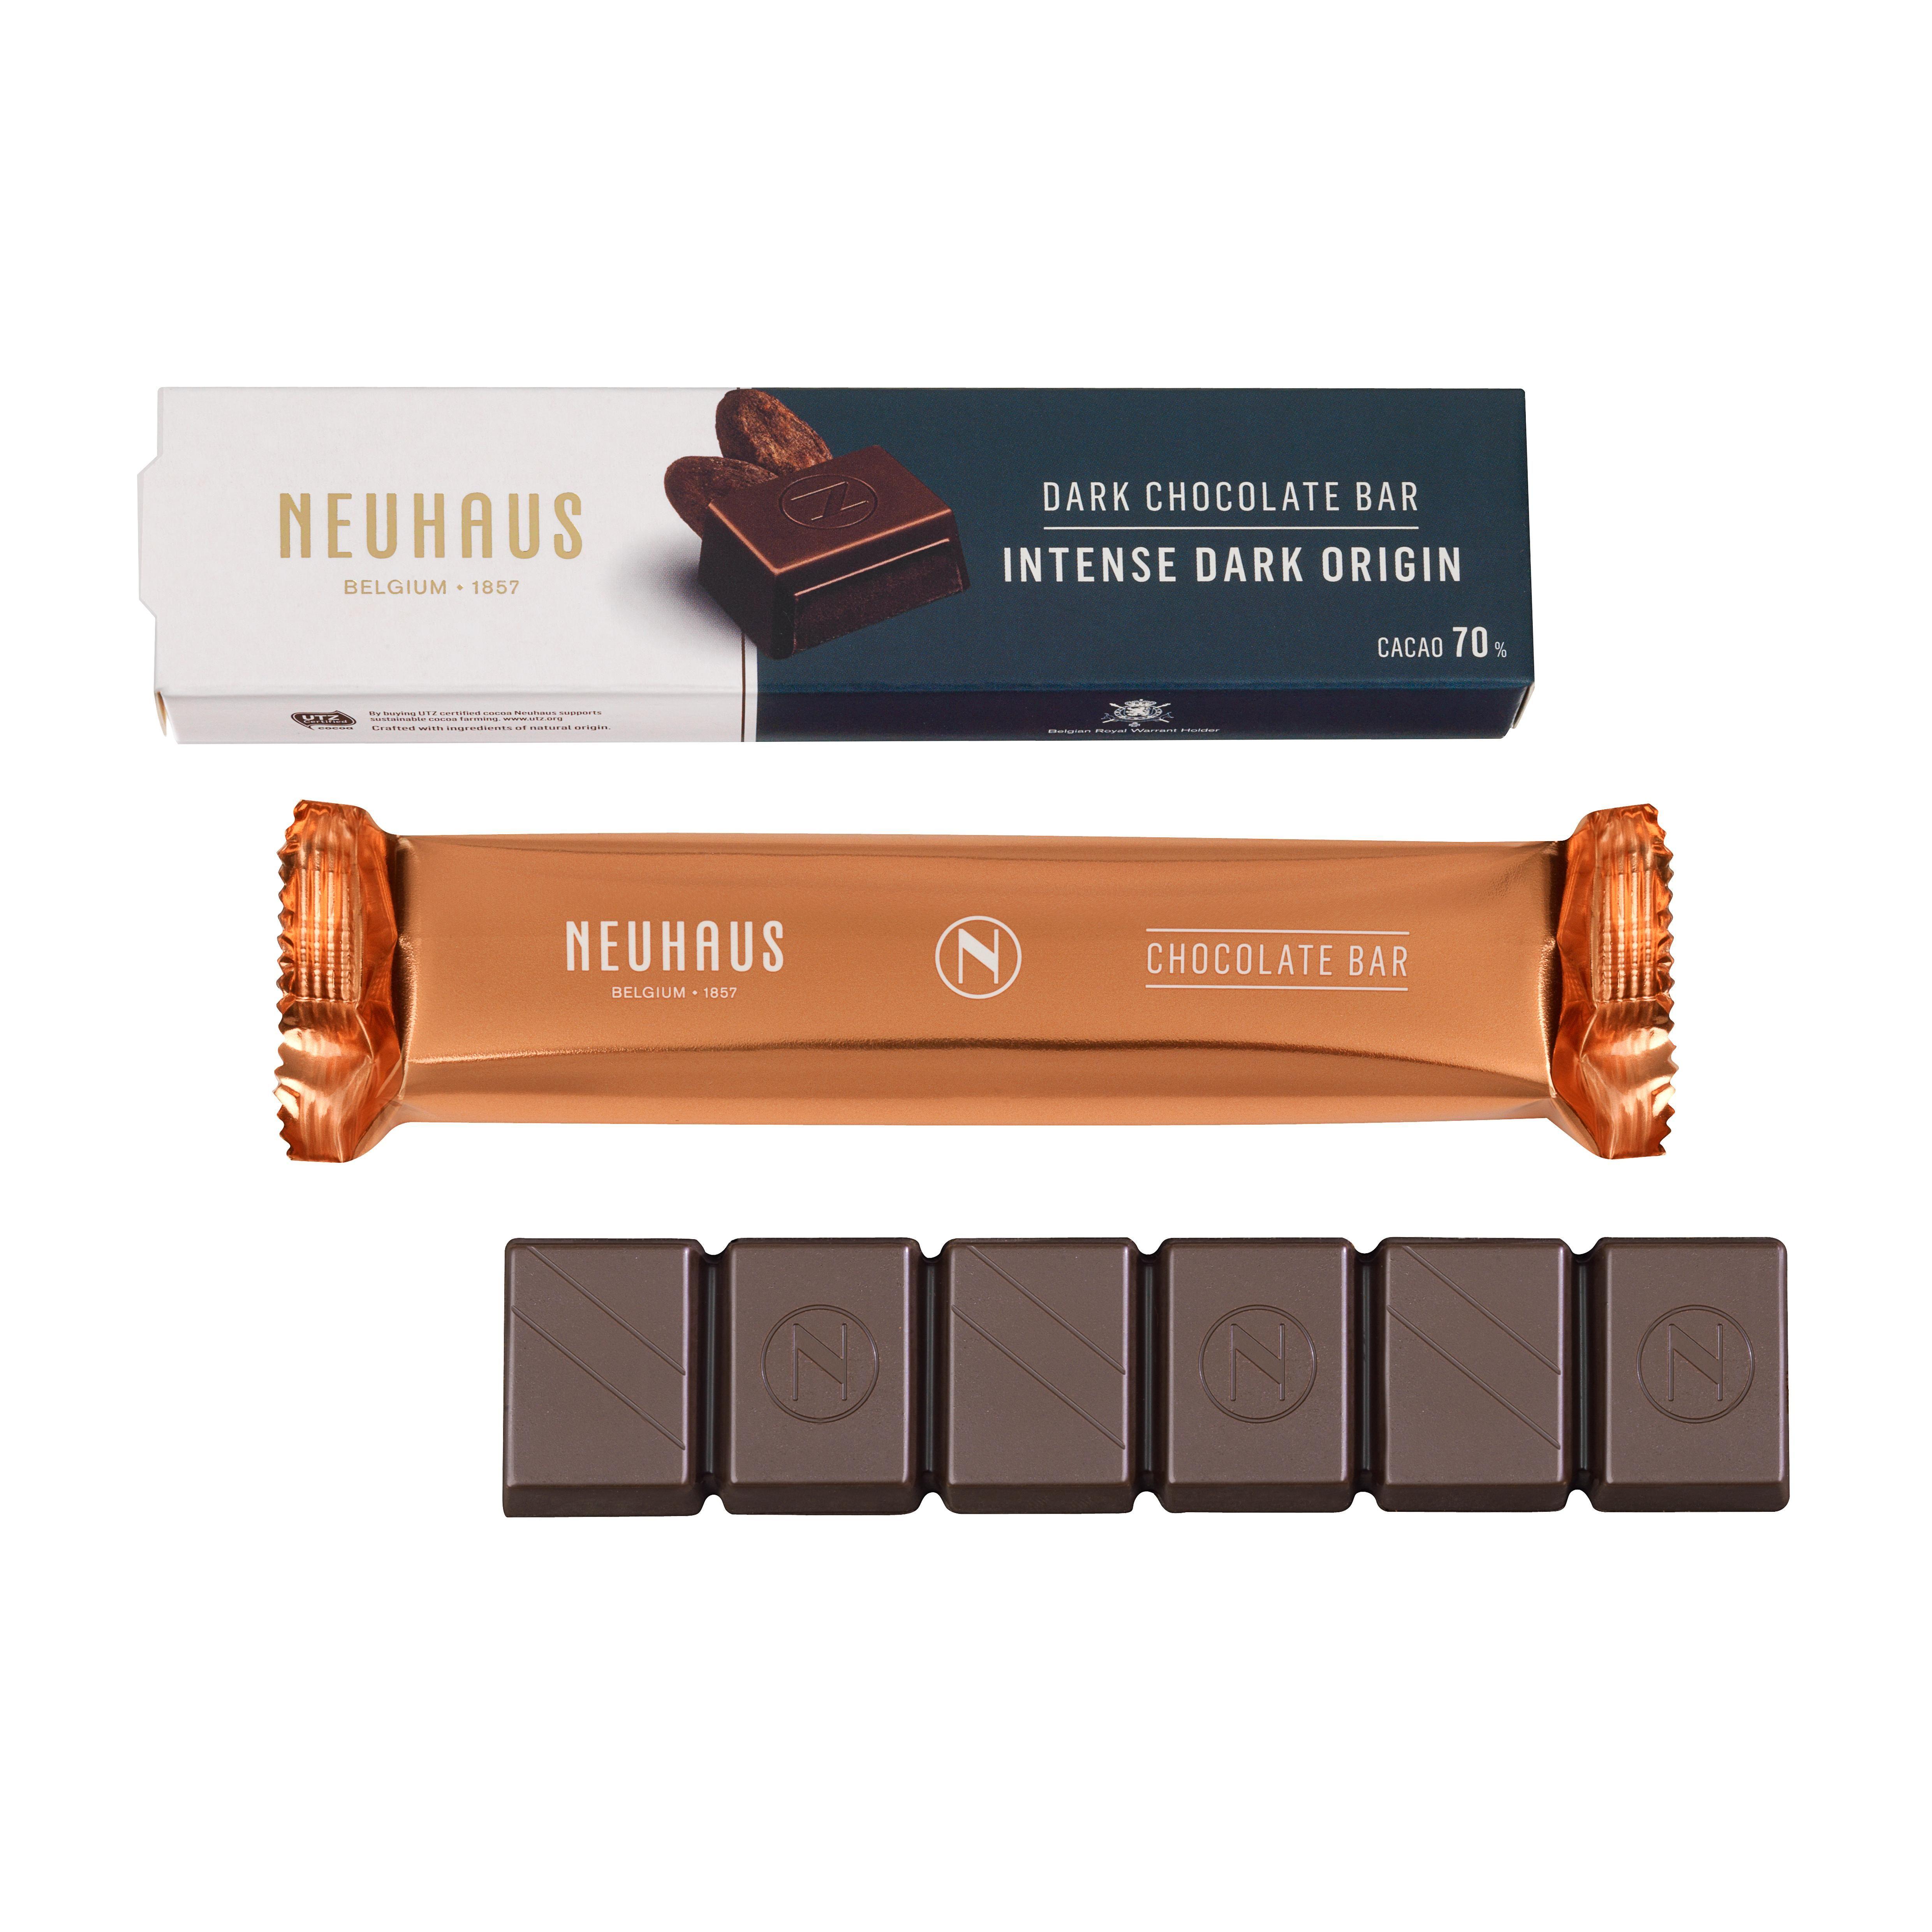 Neuhaus Intense Dark Chocolate Bar 70 55g Discover The New